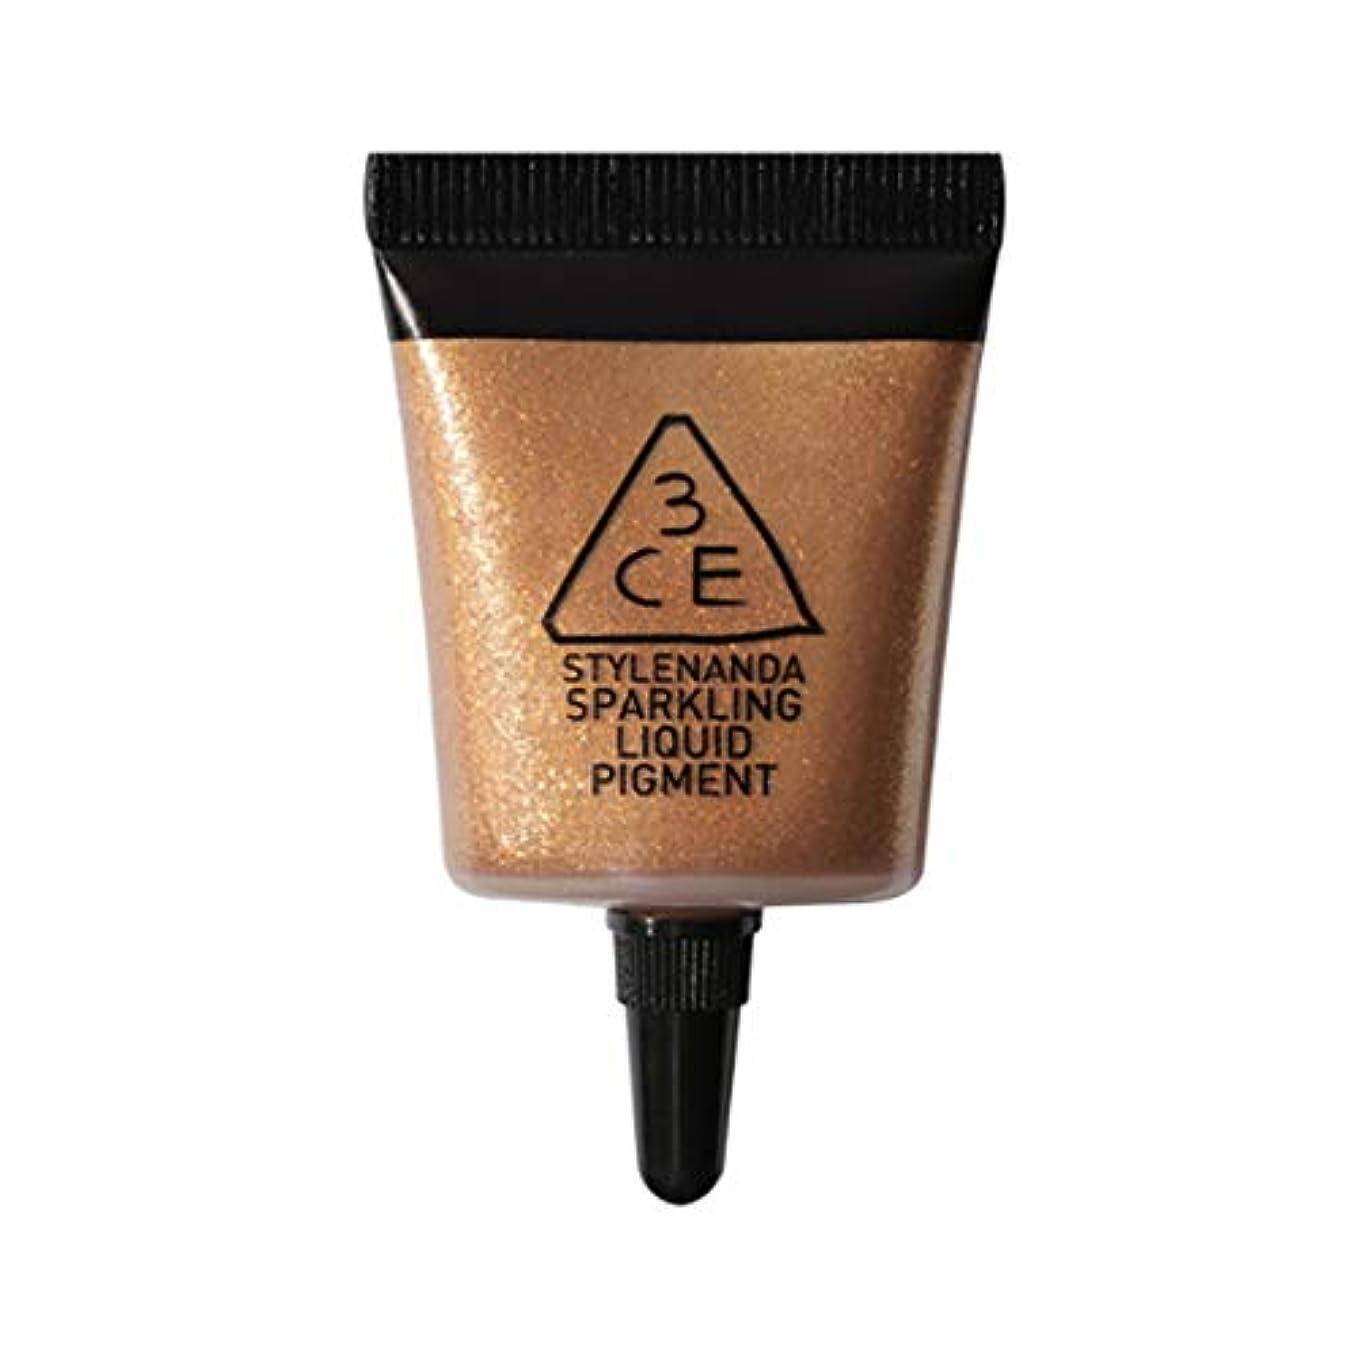 農場伝導豚[3CE] スパークリング リキッド ピグメント #(Royalmond) アイシャドー Sparkling Liquid Pigment - Glow Liquid Glitter Eyeshadow Korean Cosmetics...